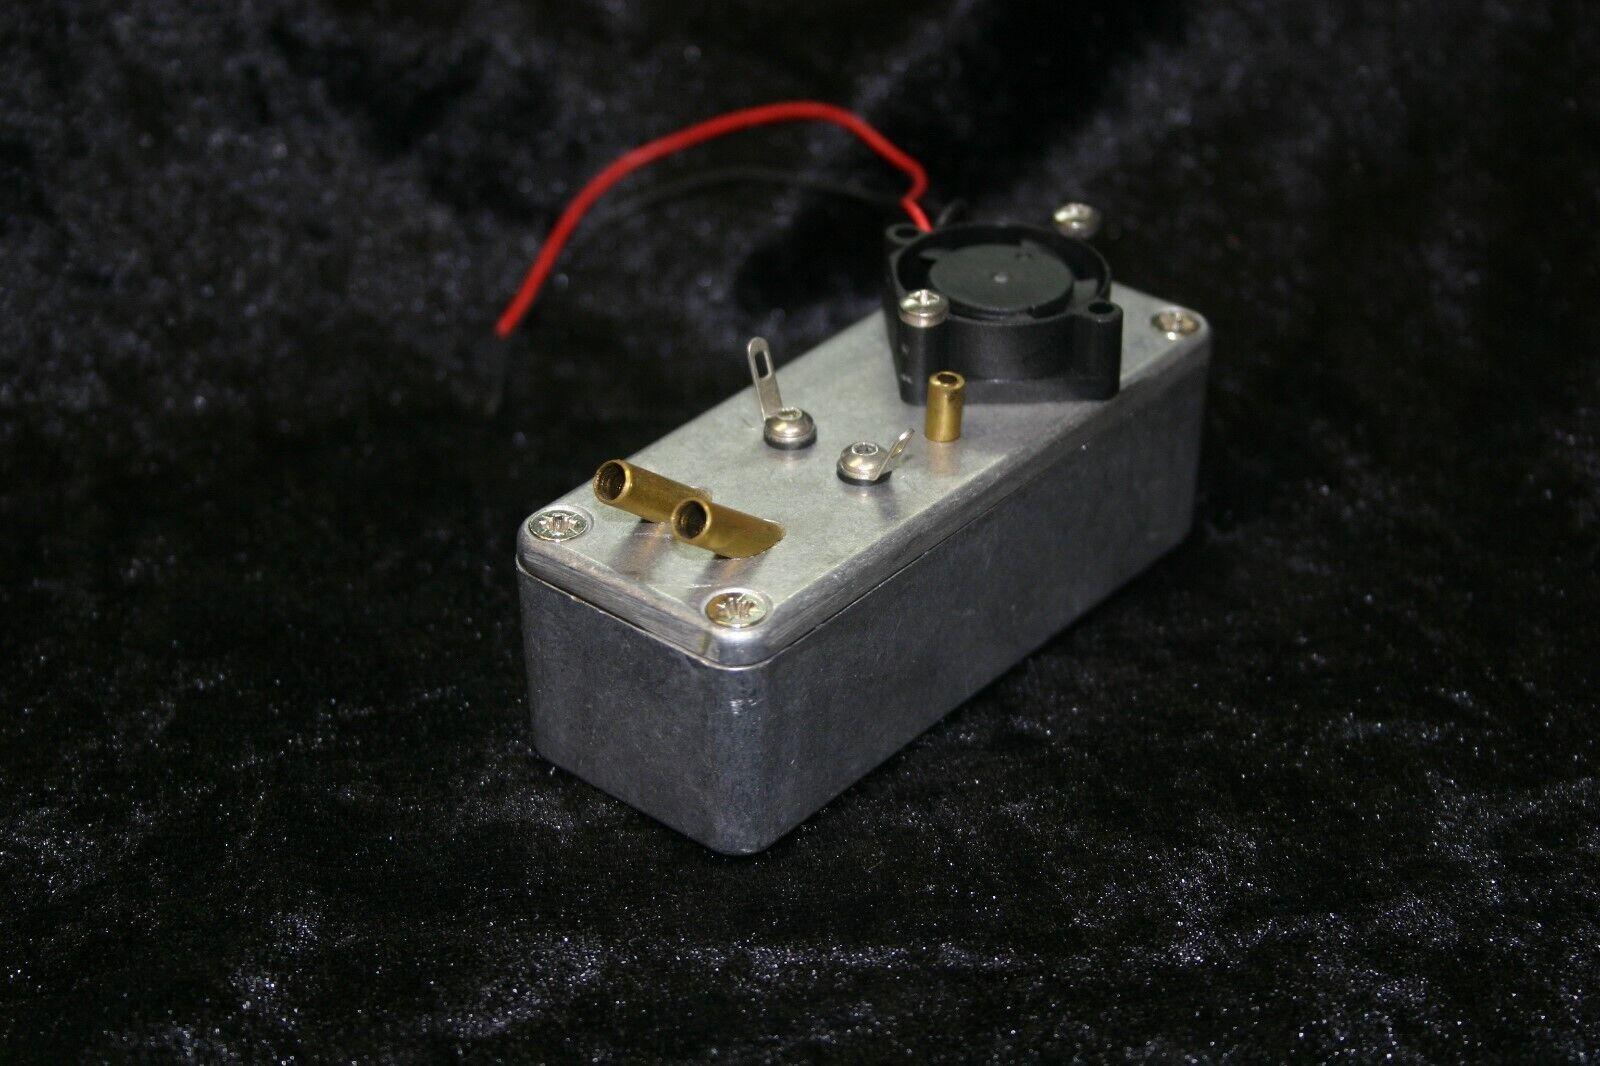 Duo di produttori di fumo generatore di vapore e affumicatore per F. ad esempio Tamiya 6v 7,2v... 12v, ecc